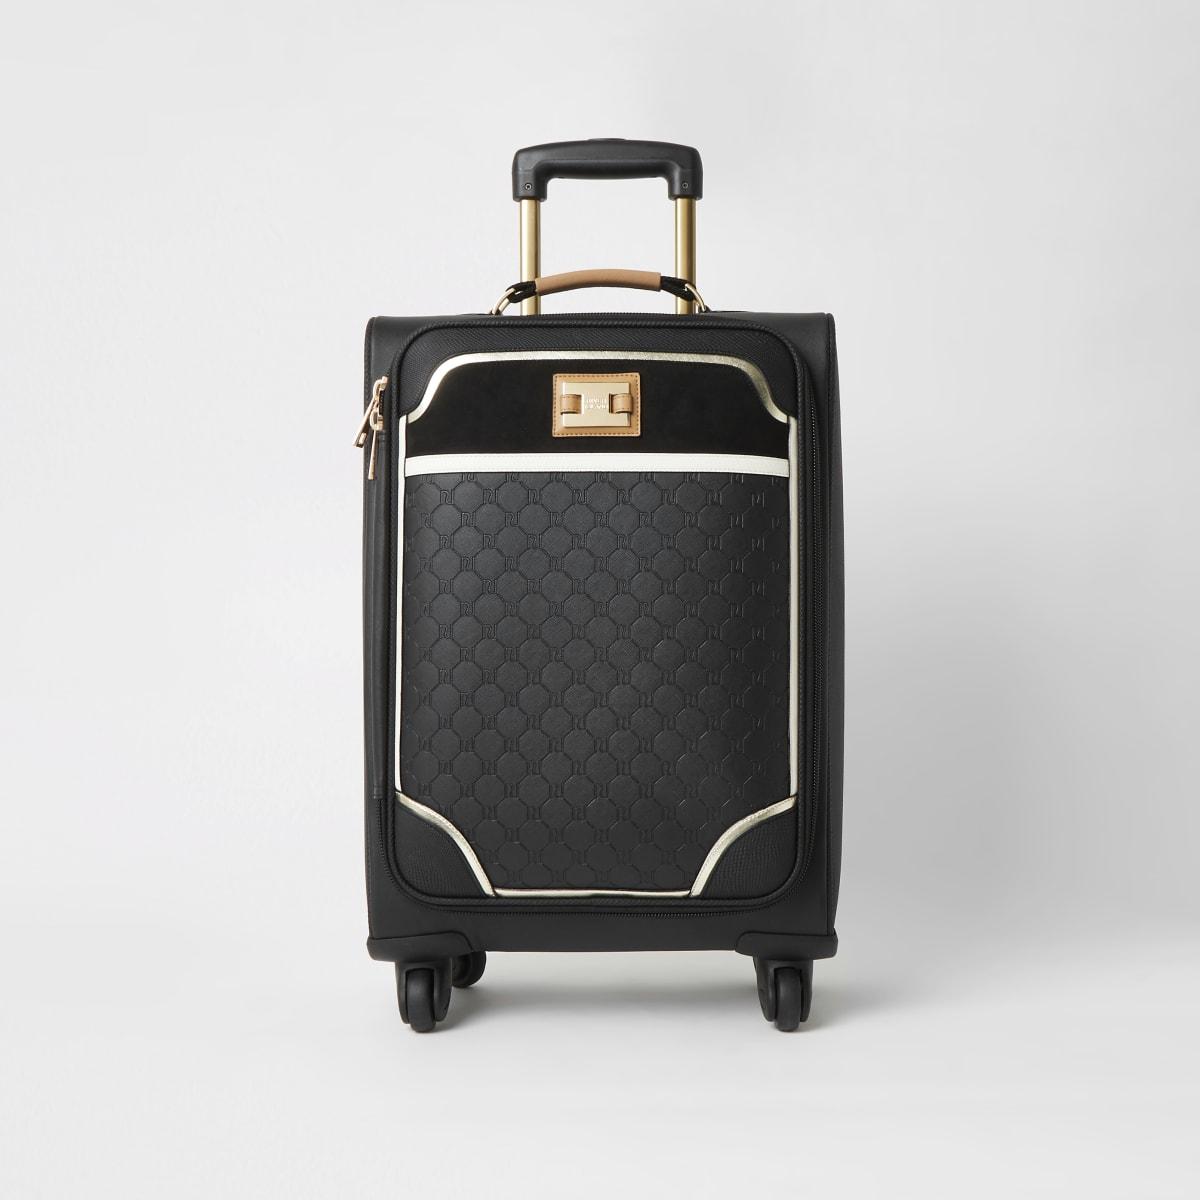 Vierrädriger Koffer mit RI-Prägung in Schwarz